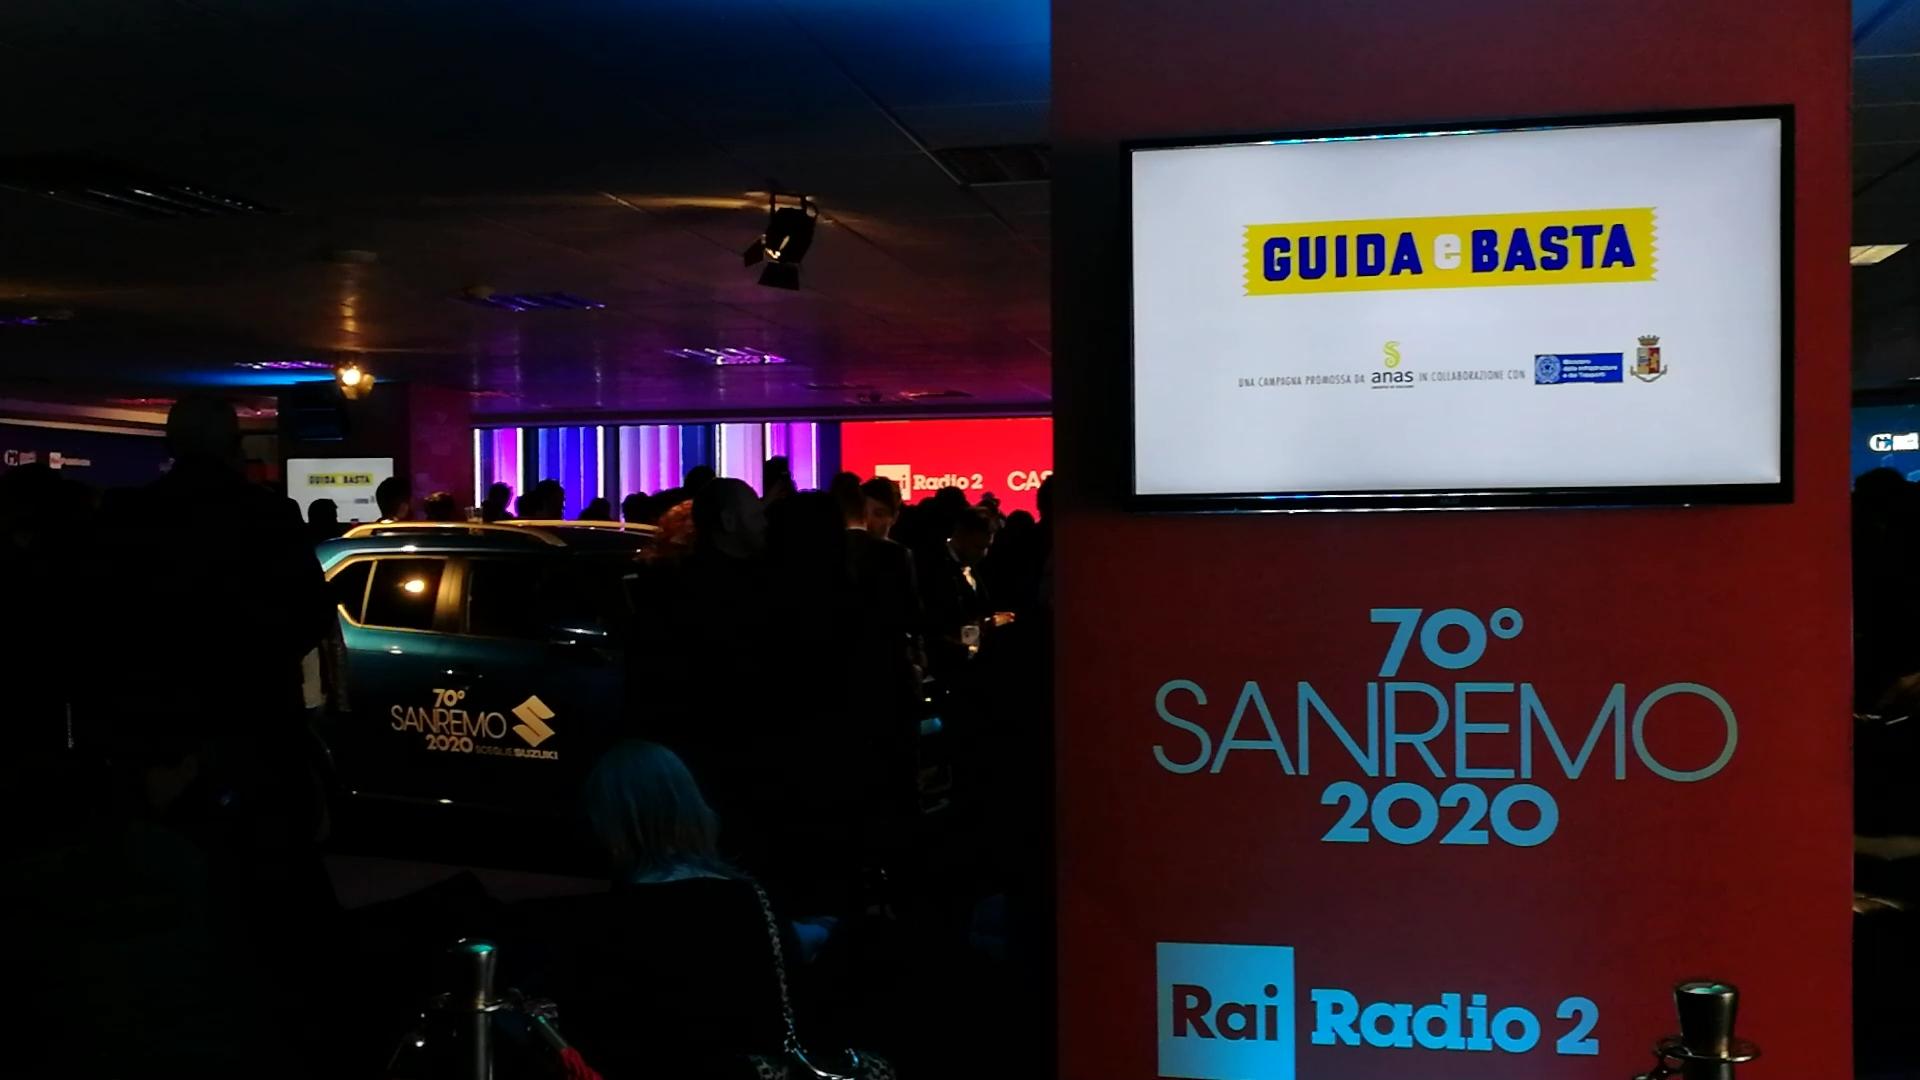 Anas GUIDAeBASTA Sanremo